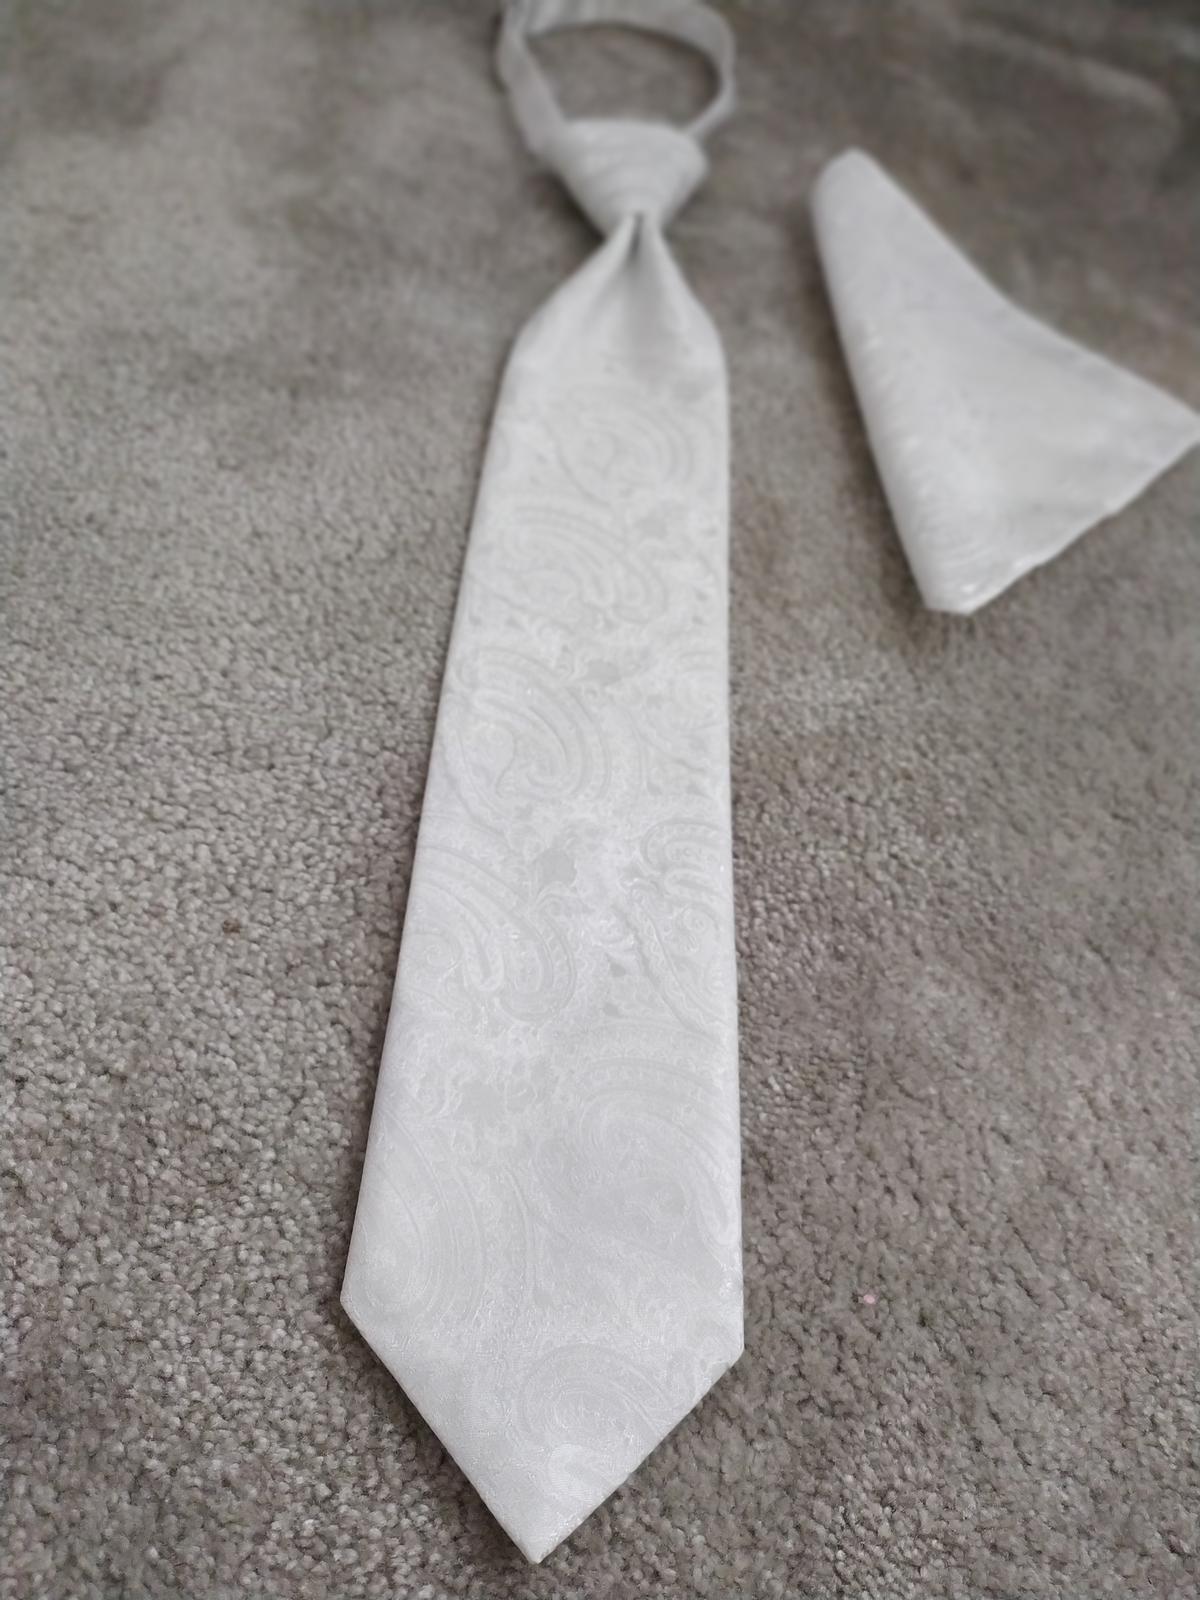 Svatební kravata regata - Obrázek č. 1